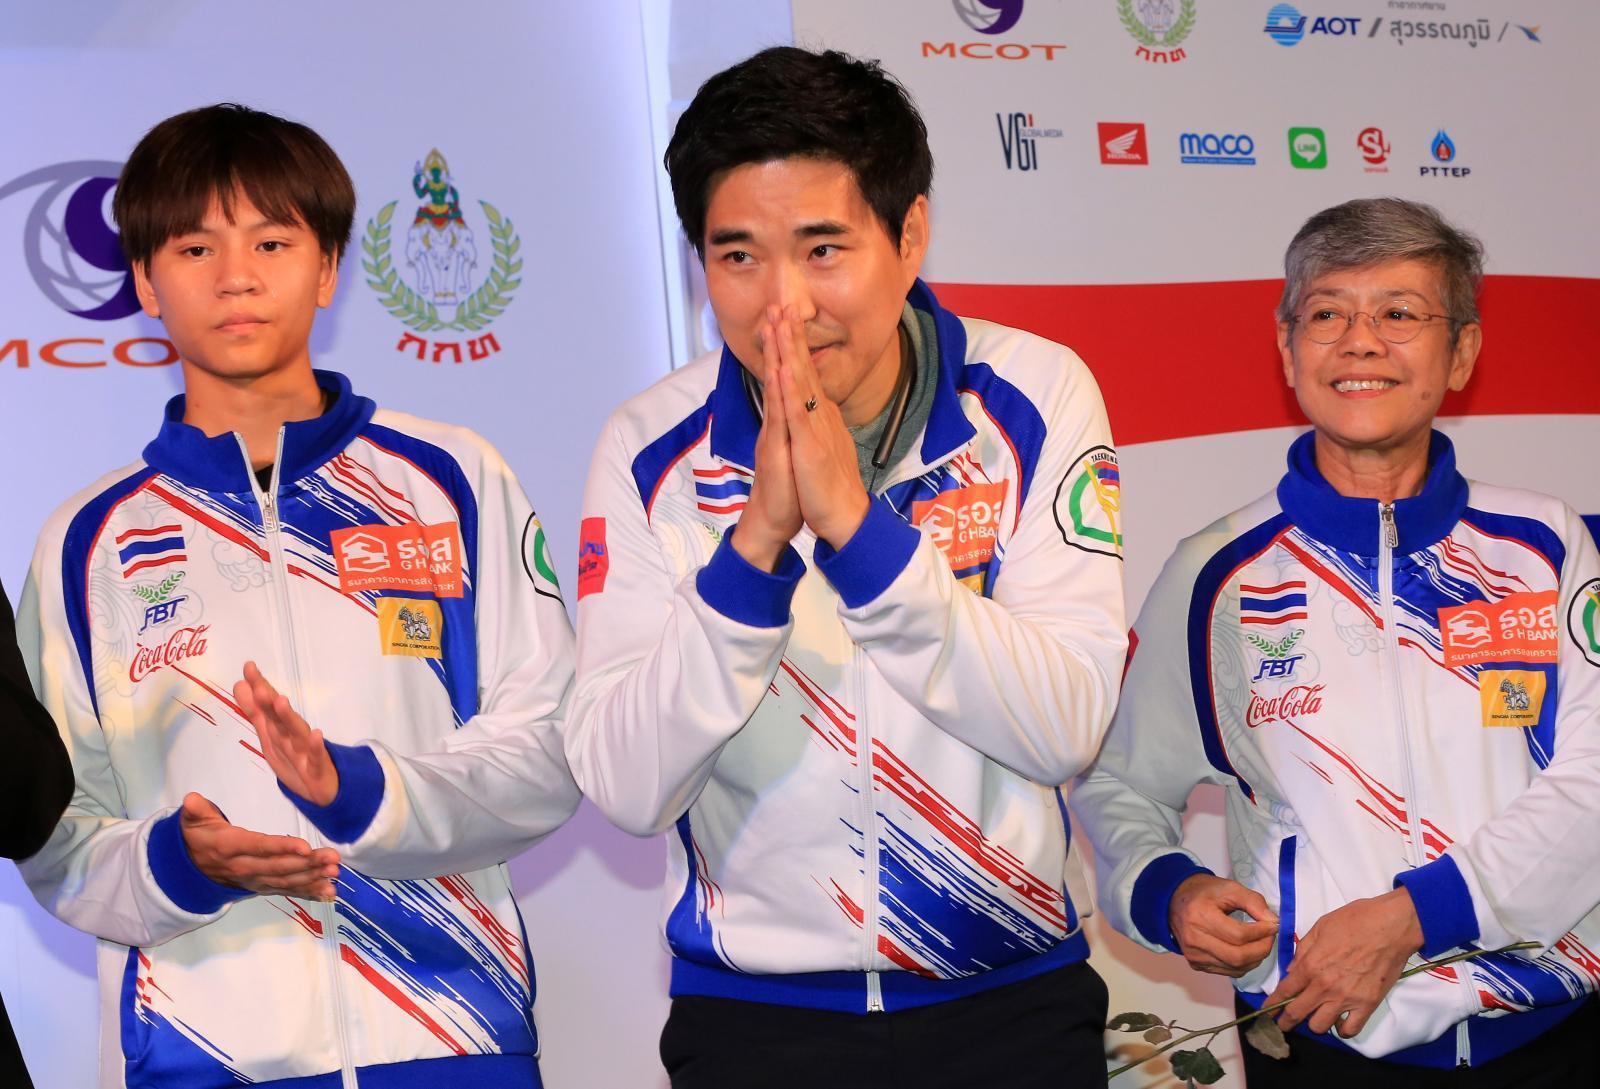 โค้ชเช โค้ชผู้สร้างชื่อเสียงเทควันโดไทยให้ดังสู่สายตาชาวโลก  02